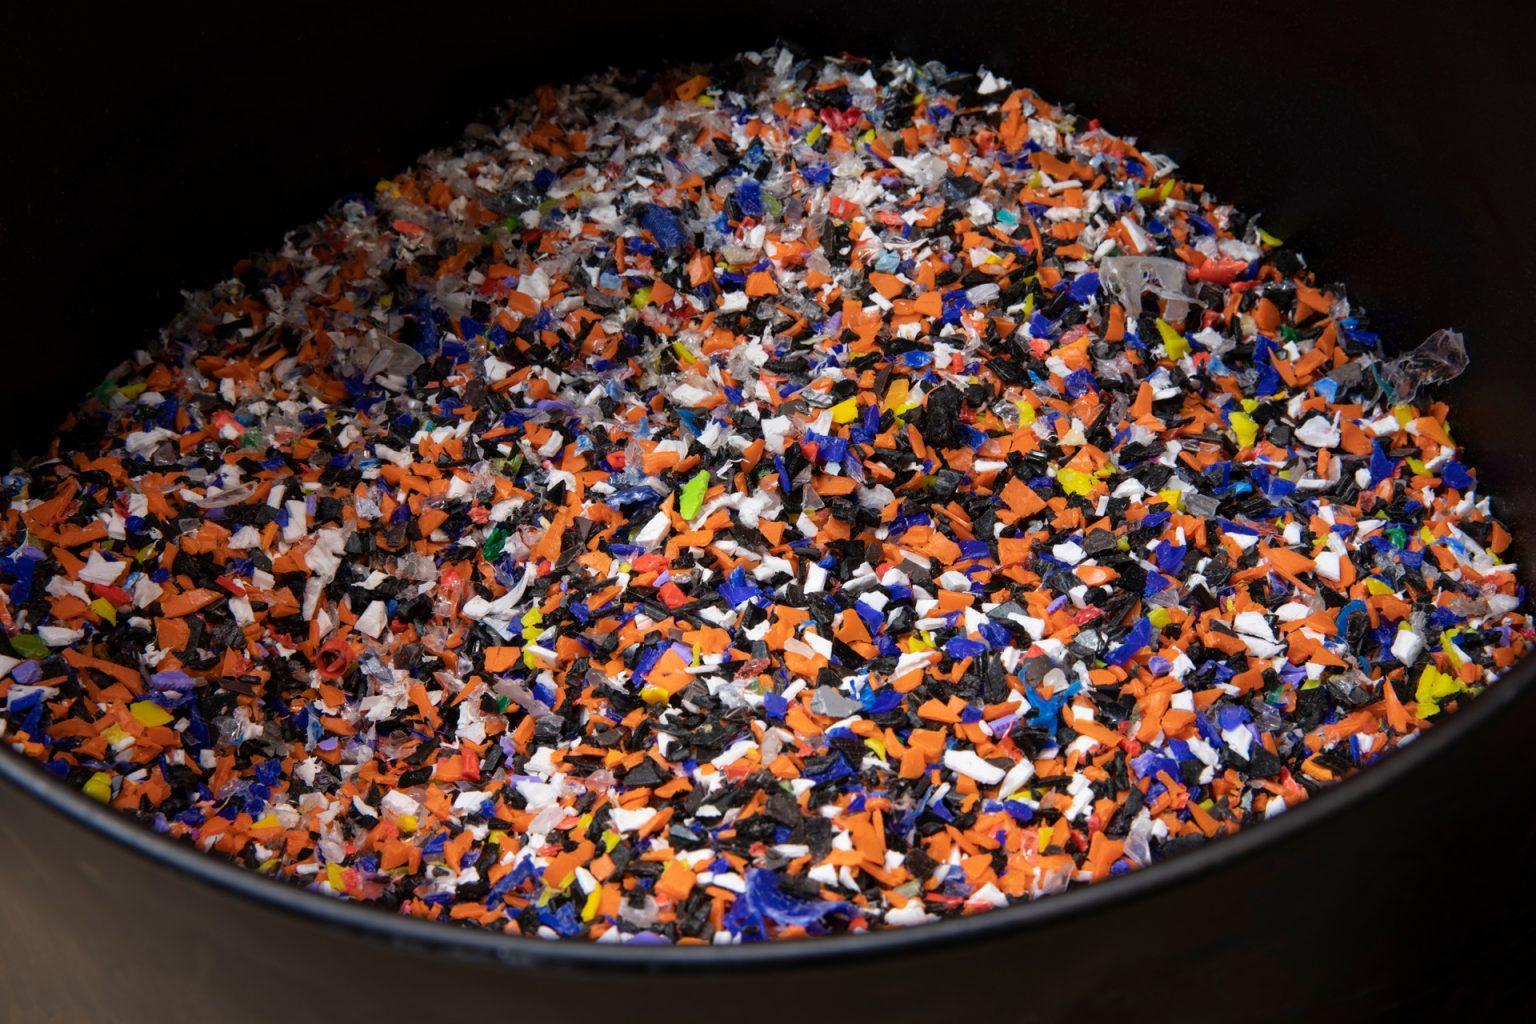 Eco-Reciclado - Reciclaje del 100% de desechos plásticos industriales de nuestra propia producción